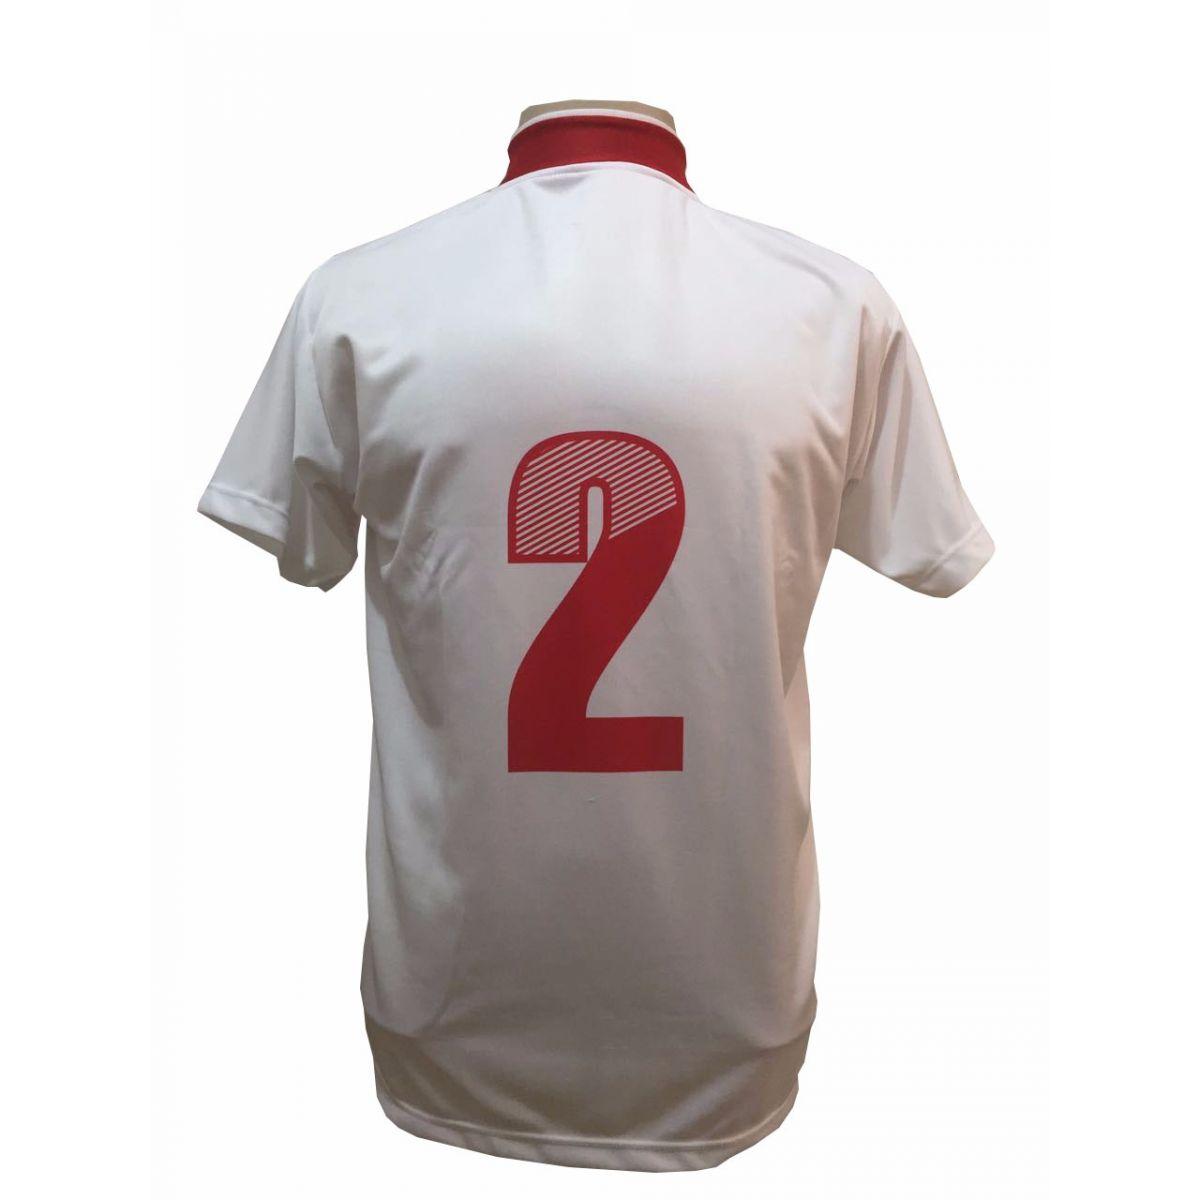 Uniforme Esportivo com 14 camisas modelo Palermo Branco/Vermelho + 14 calções modelo Madrid Vermelho + Brindes